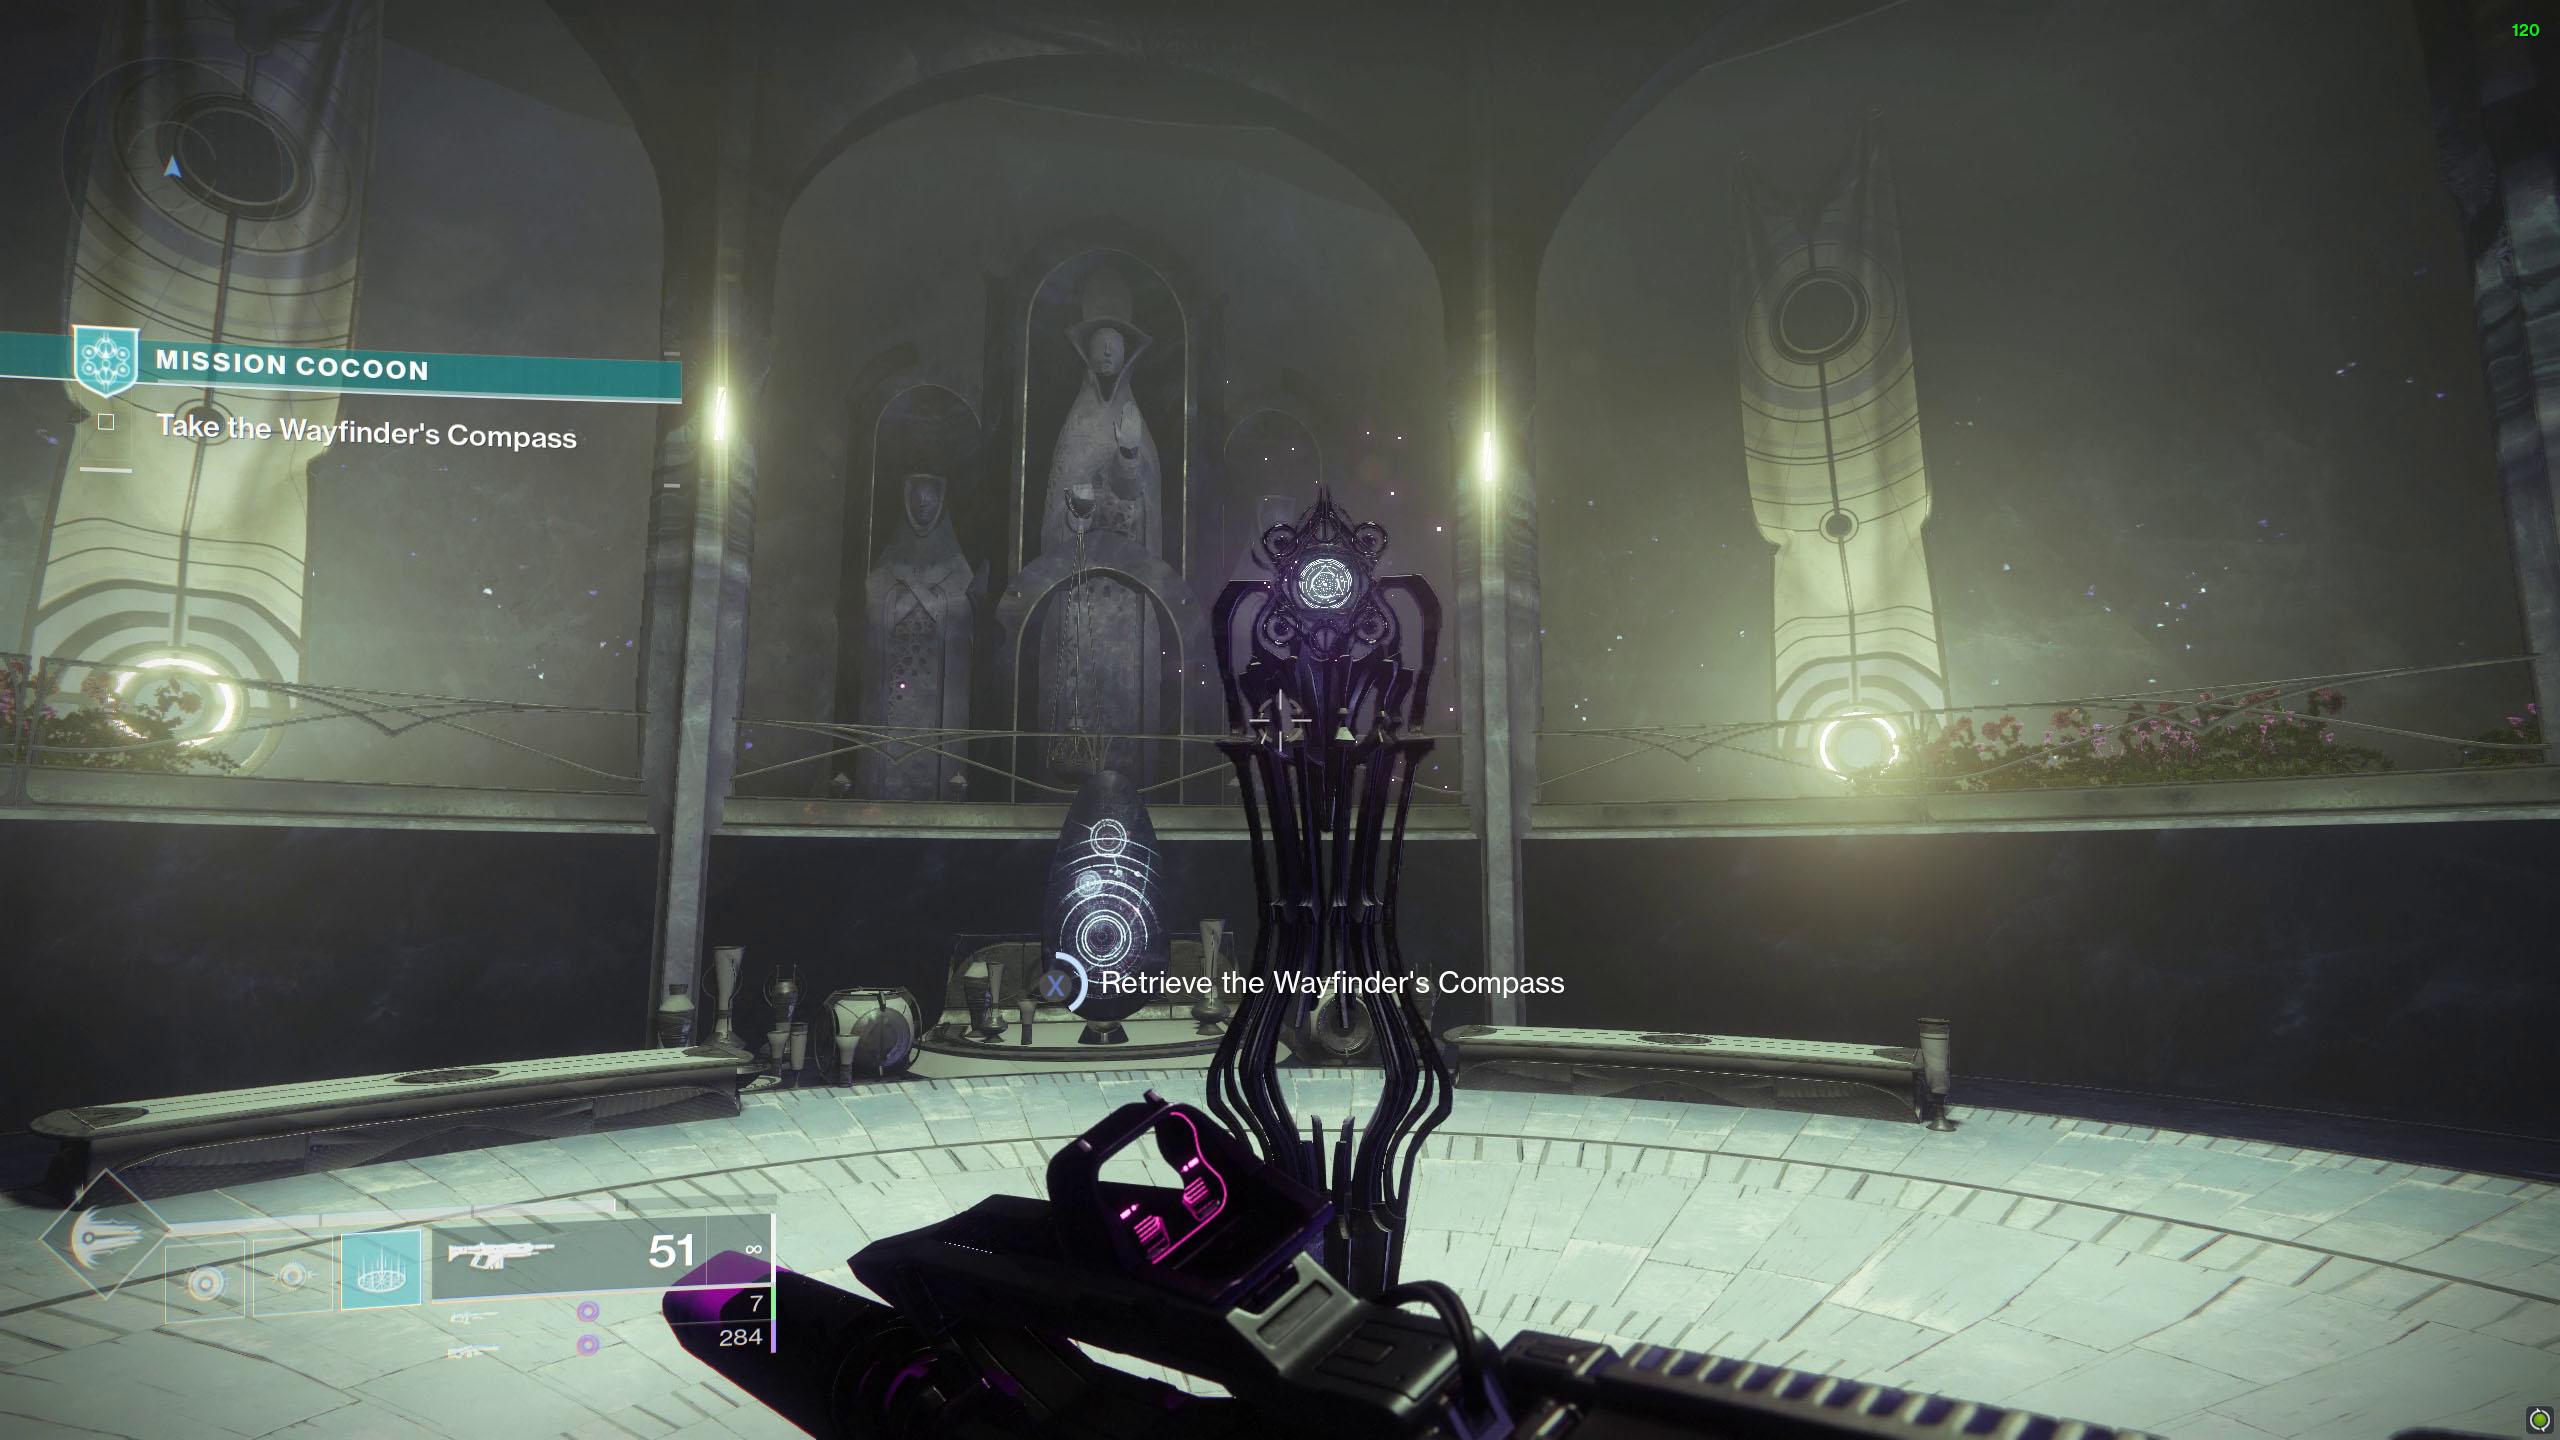 destiny 2 unlock wayfinder's compass